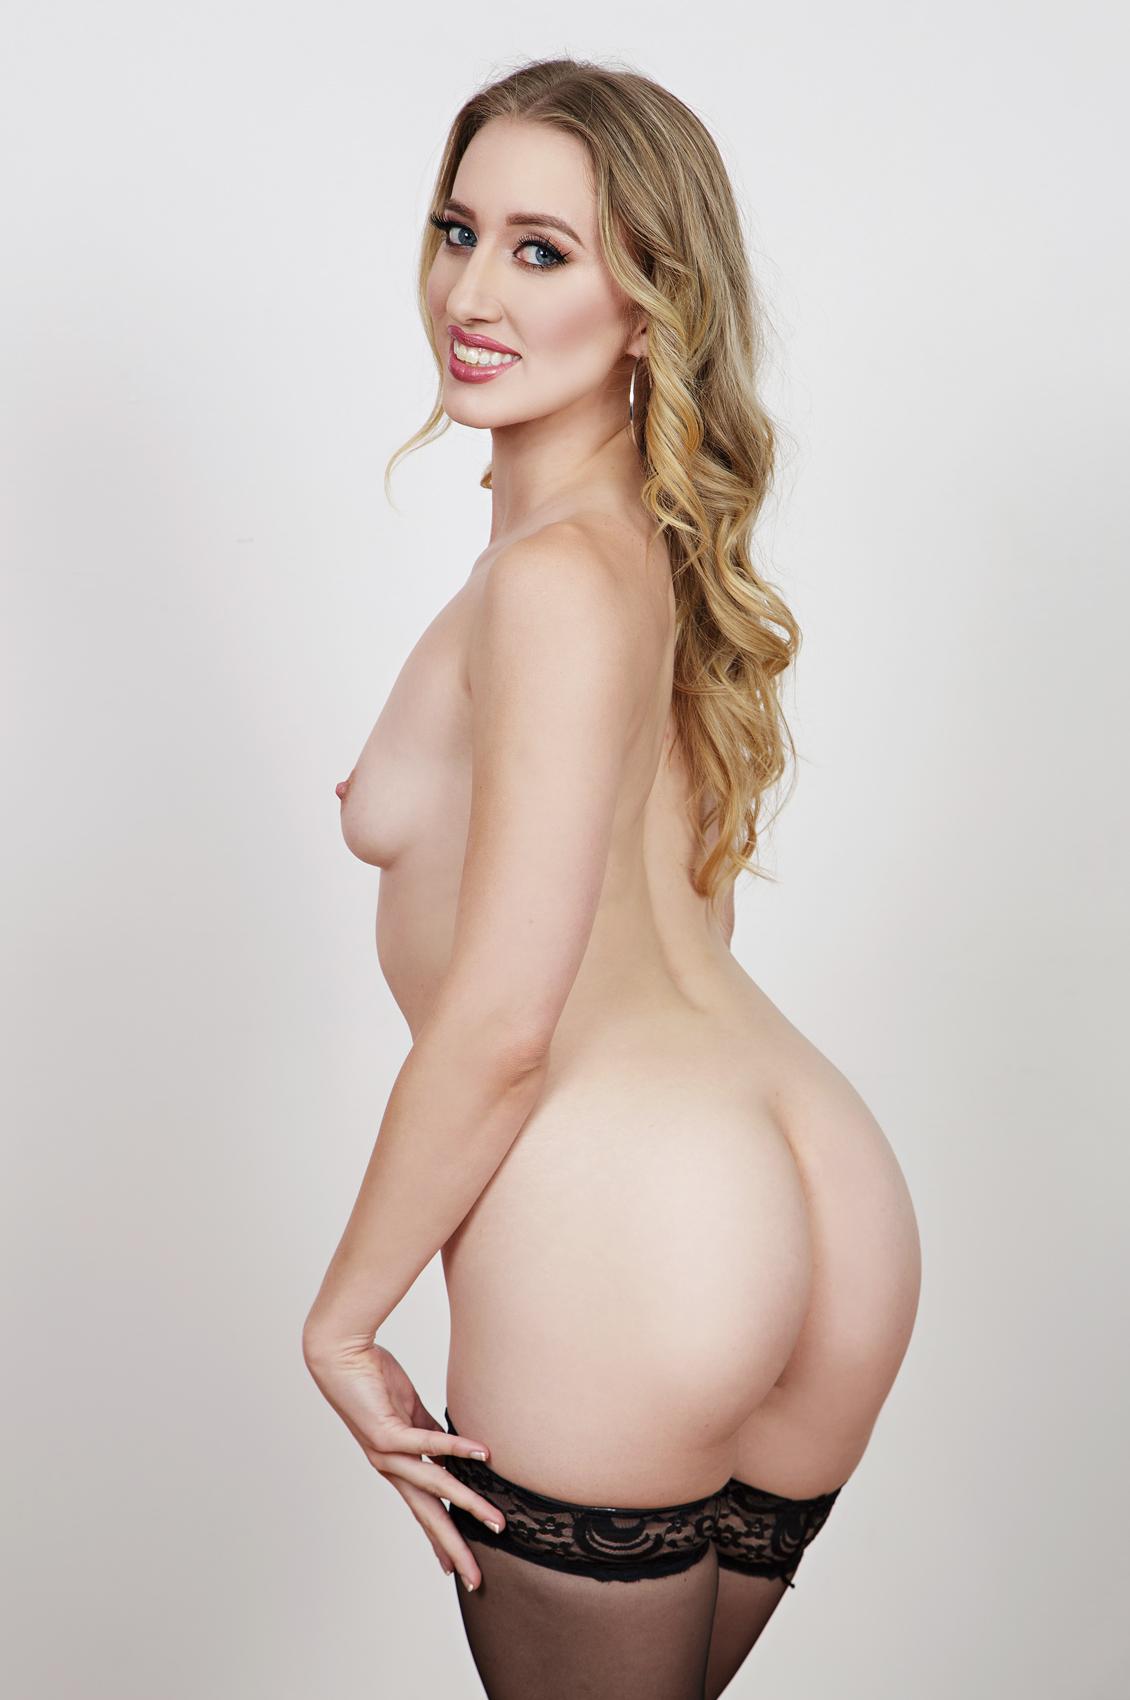 Riley Reyes's VR Porn Videos, Bio & Free Nude Pics